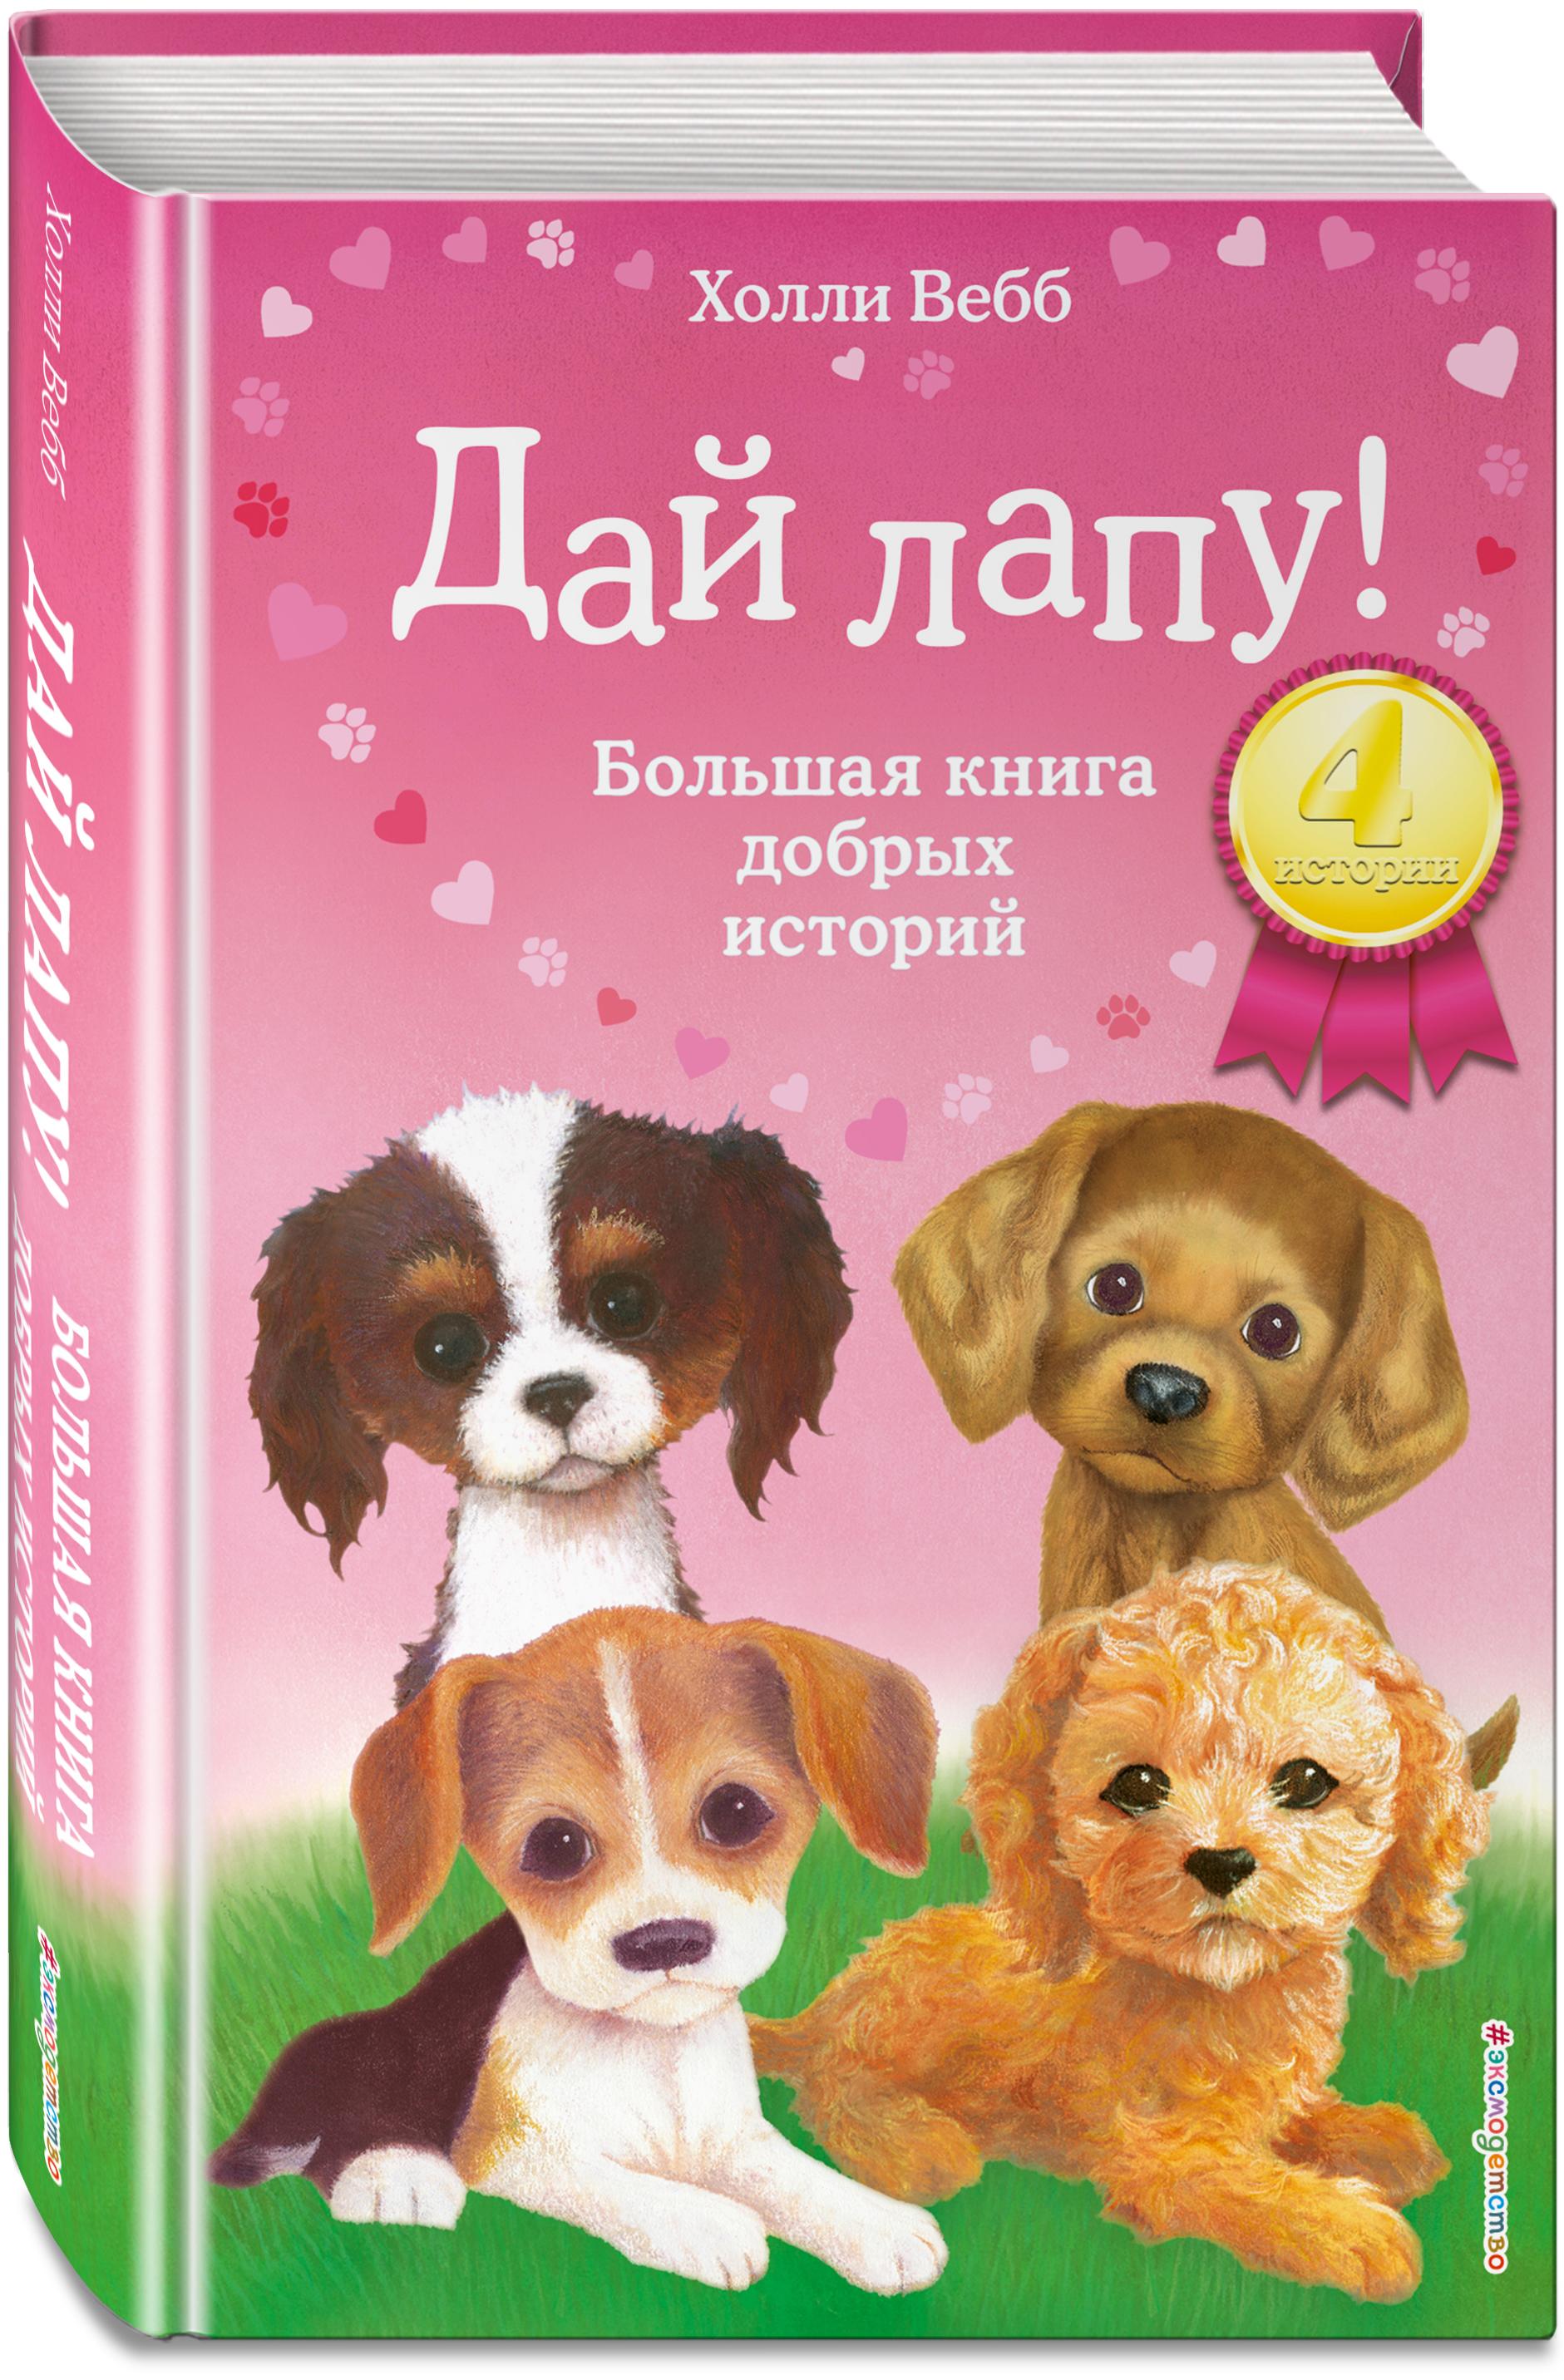 Холли Вебб Дай лапу! Большая книга добрых историй юрье ж жуанниго л большая книга кроличьих историй